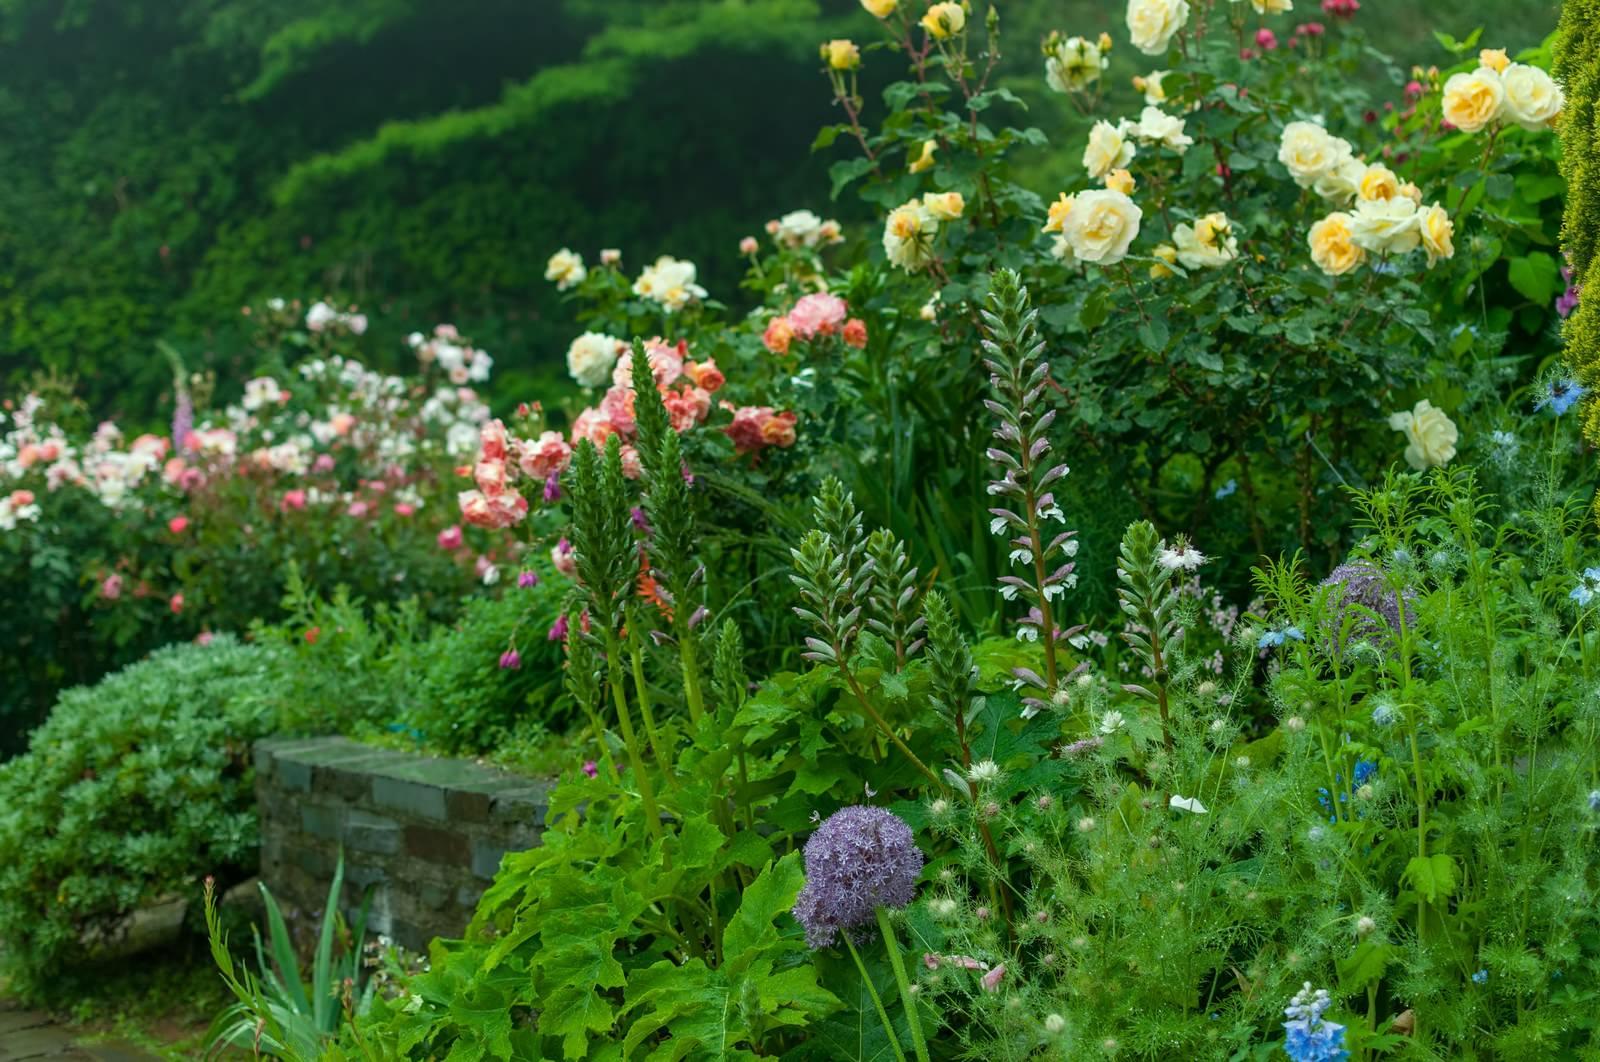 「花咲く庭」の写真